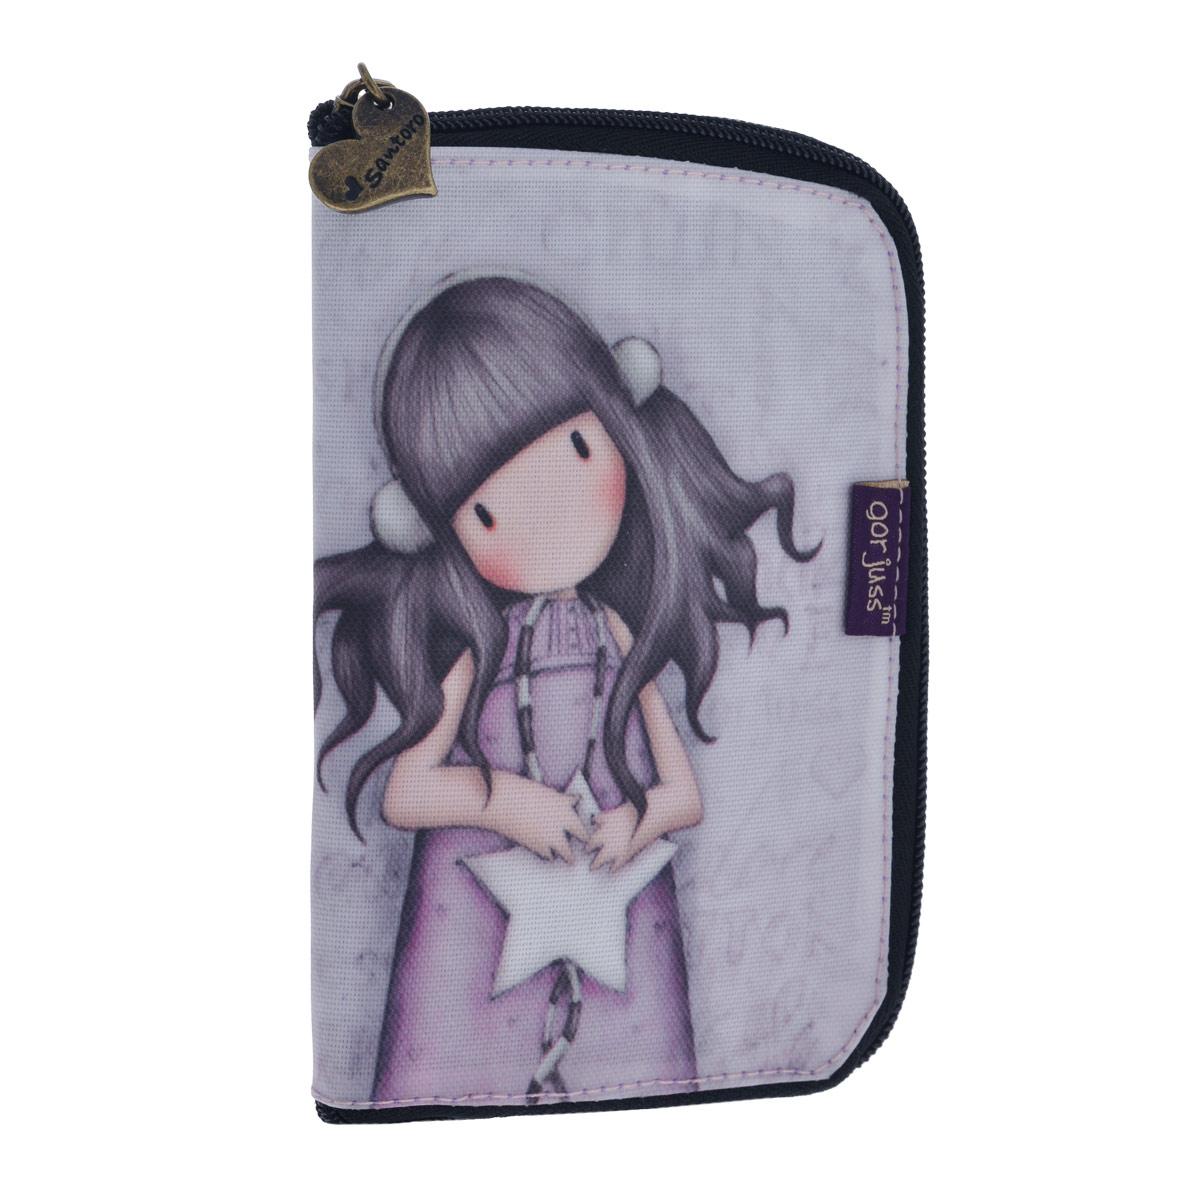 Складывающаяся сумка для покупок All These Words, цвет: сиреневый. 00122113-47660-00504Складывающаяся сумка для покупок с милой девочкой непременно порадует вас или станет прекрасным подарком. Сумка складывается в симпатичный чехольчик на молнии, сама сумка выполнена из текстиля сиреневого цвета с орнаментом и имеет две удобные ручки. Сумка очень удобна в использовании - ее легко раскладывать и складывать. Характеристики:Материалы: текстиль, ПВХ, металл. Размер чехла на молнии: 10,5 см x 16 см x 1,5 см. Размер сумки в разложенном виде: 54 см х35 см х 17 см.